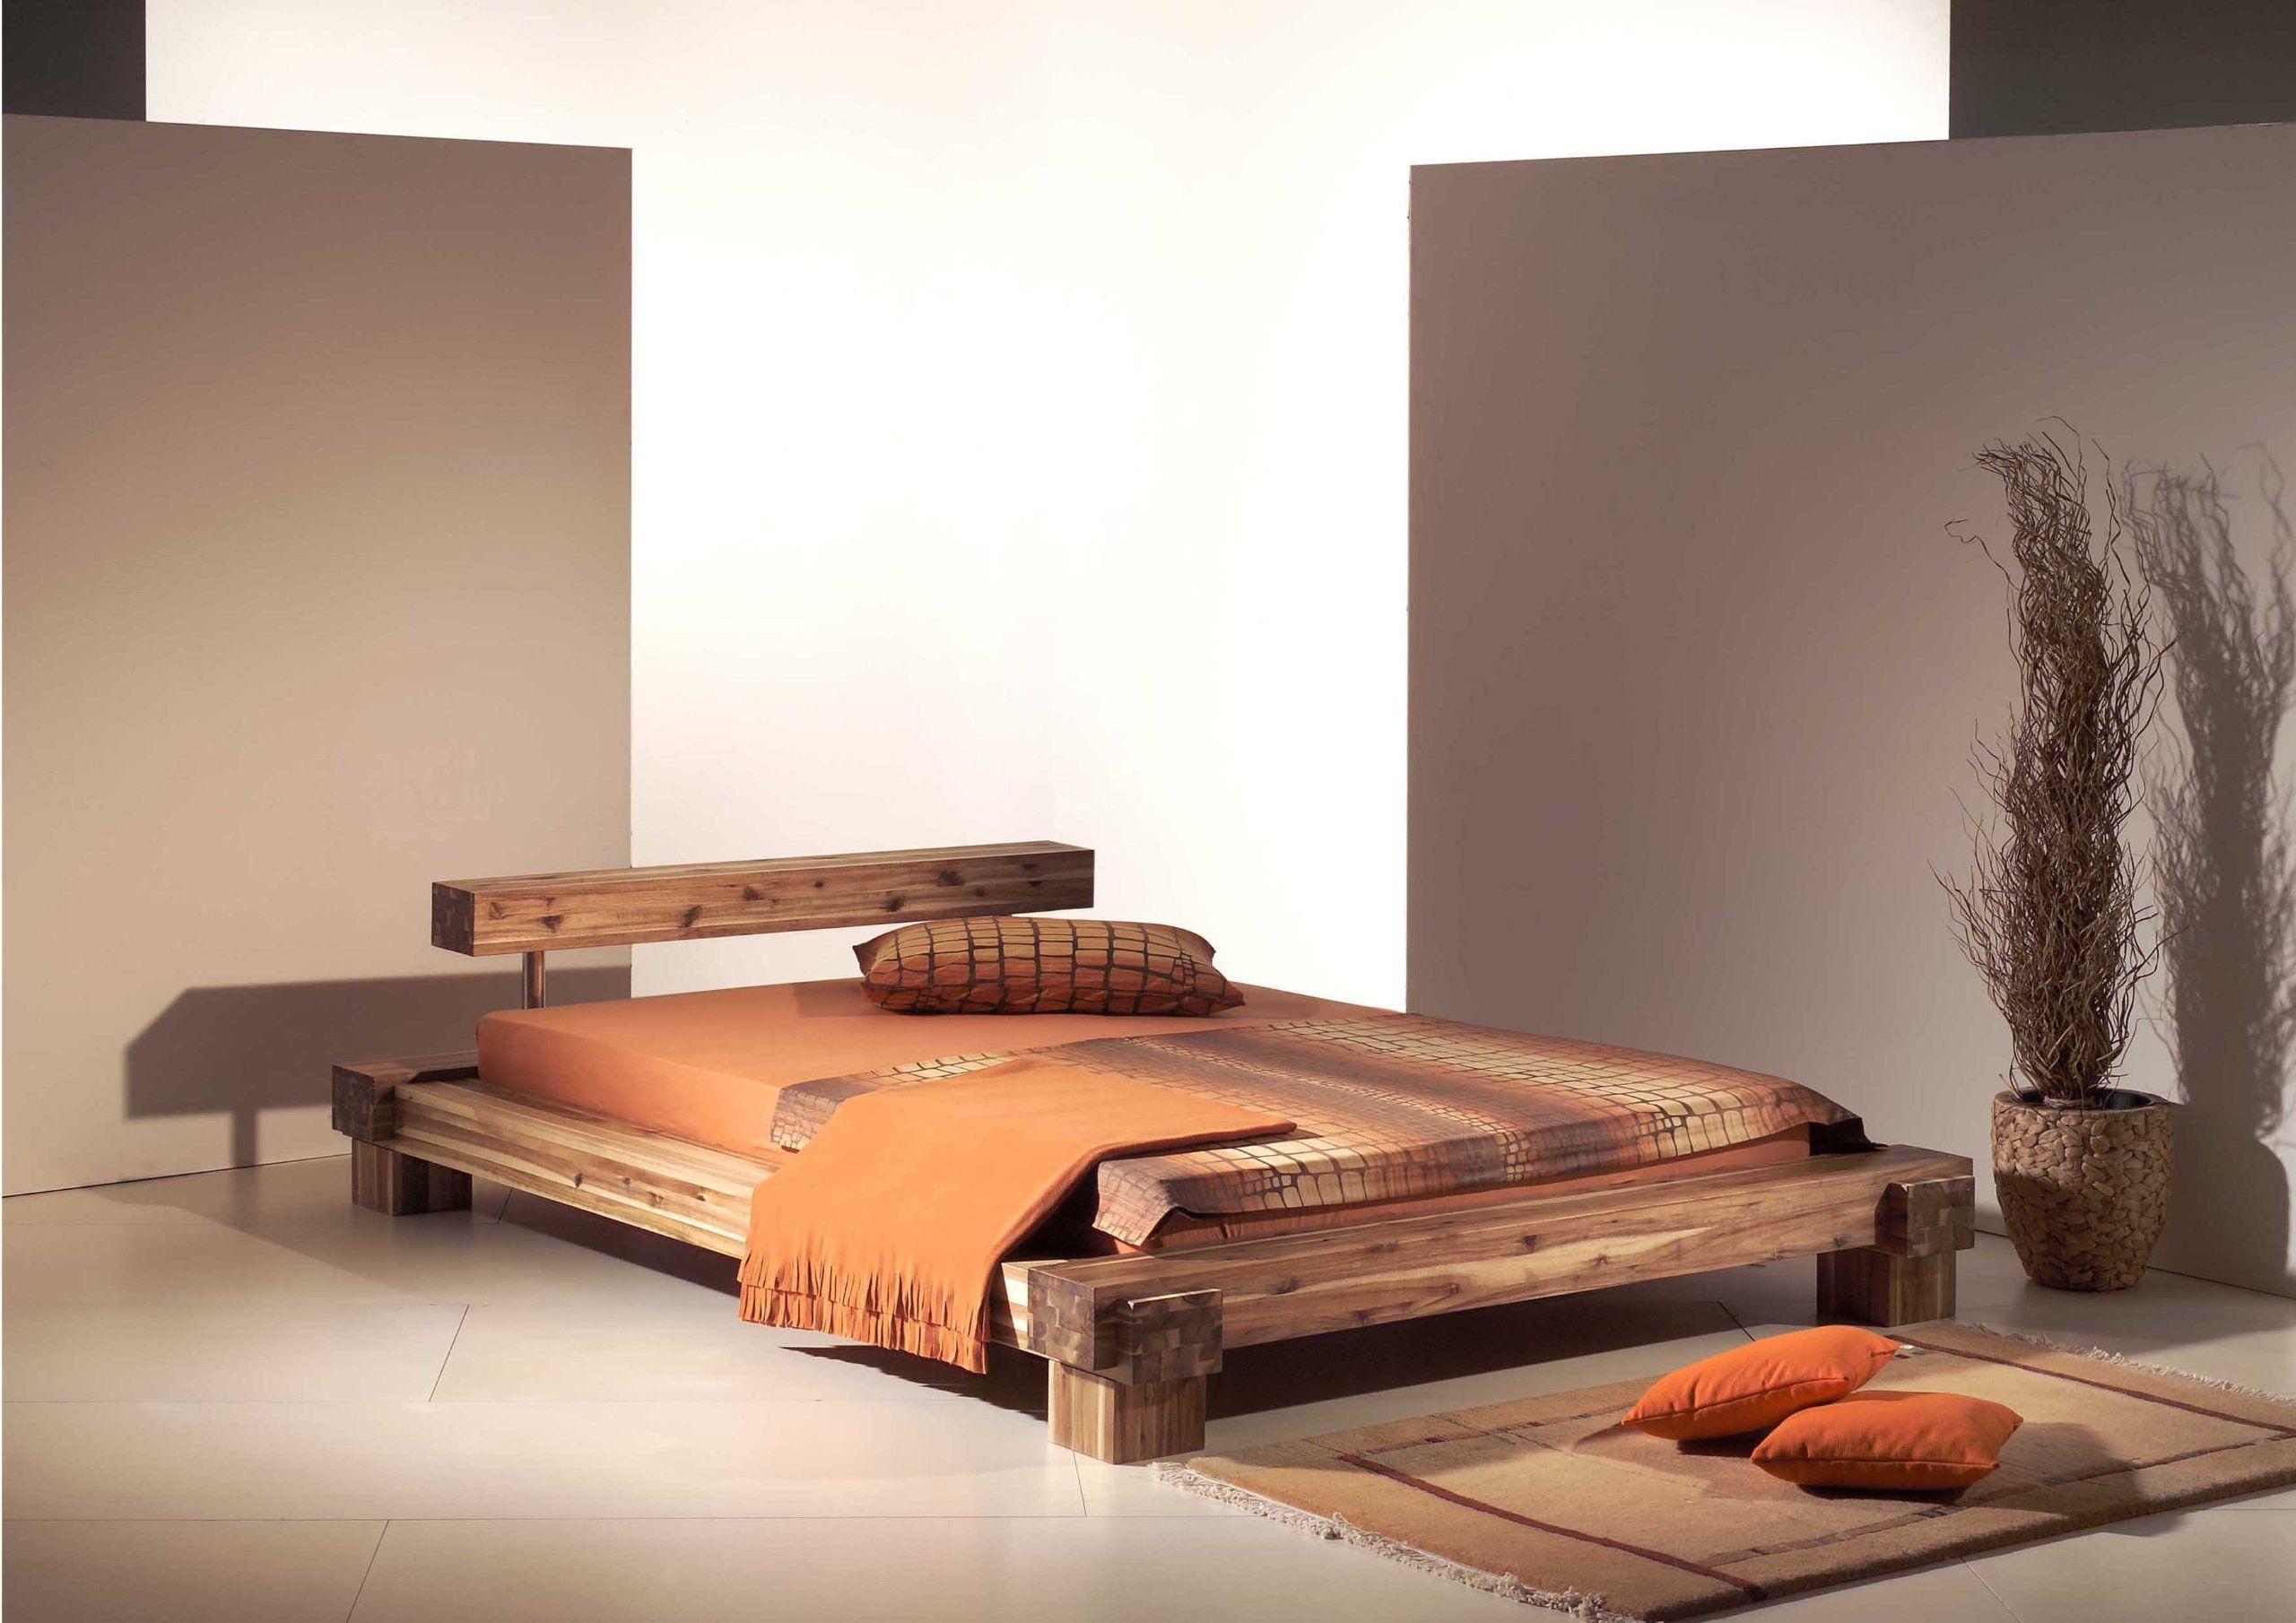 Holzbett massiv 180x200  Modular cal180.41 Bett Cali / 180 x 200 cm / Akazie massiv, natur ...